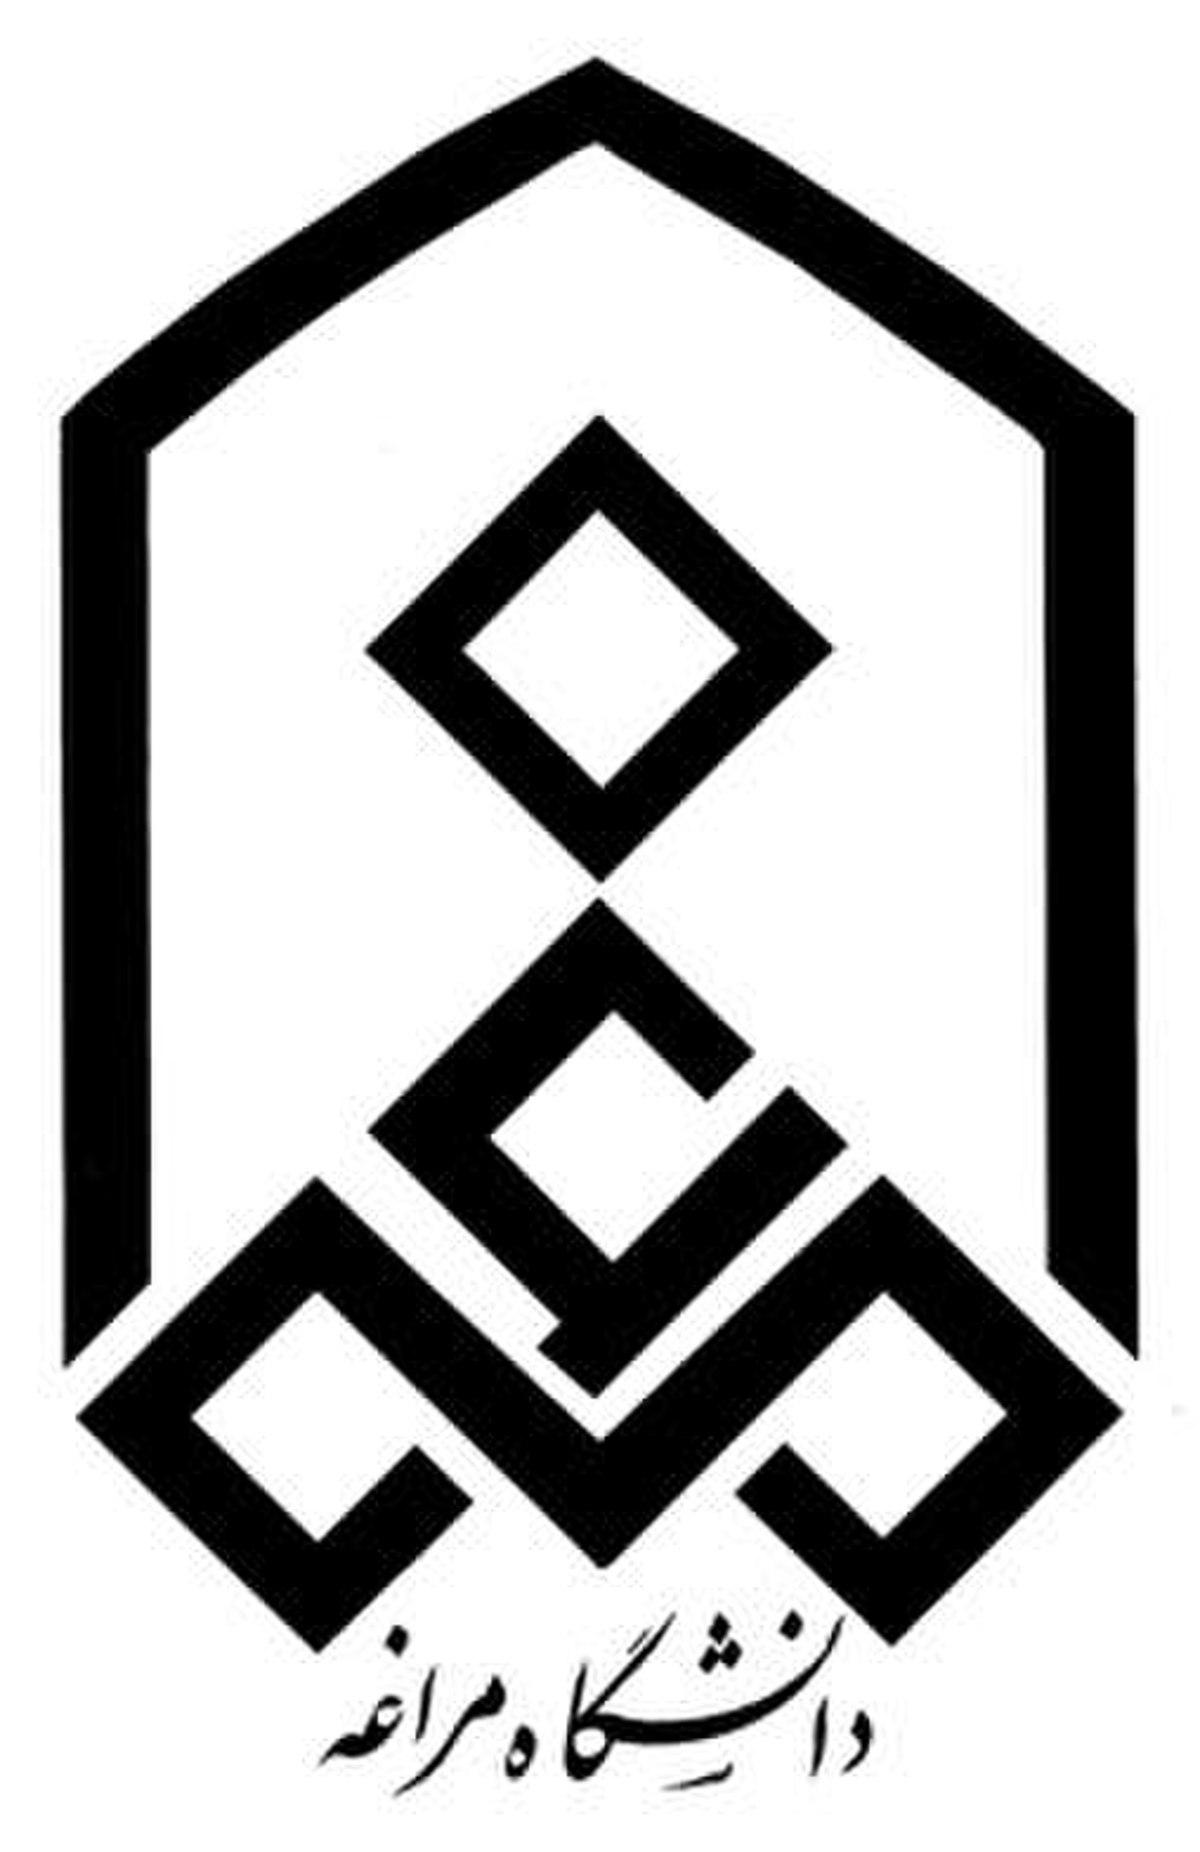 دانشگاه مراغه - ویکیپدیا، دانشنامهٔ آزاد